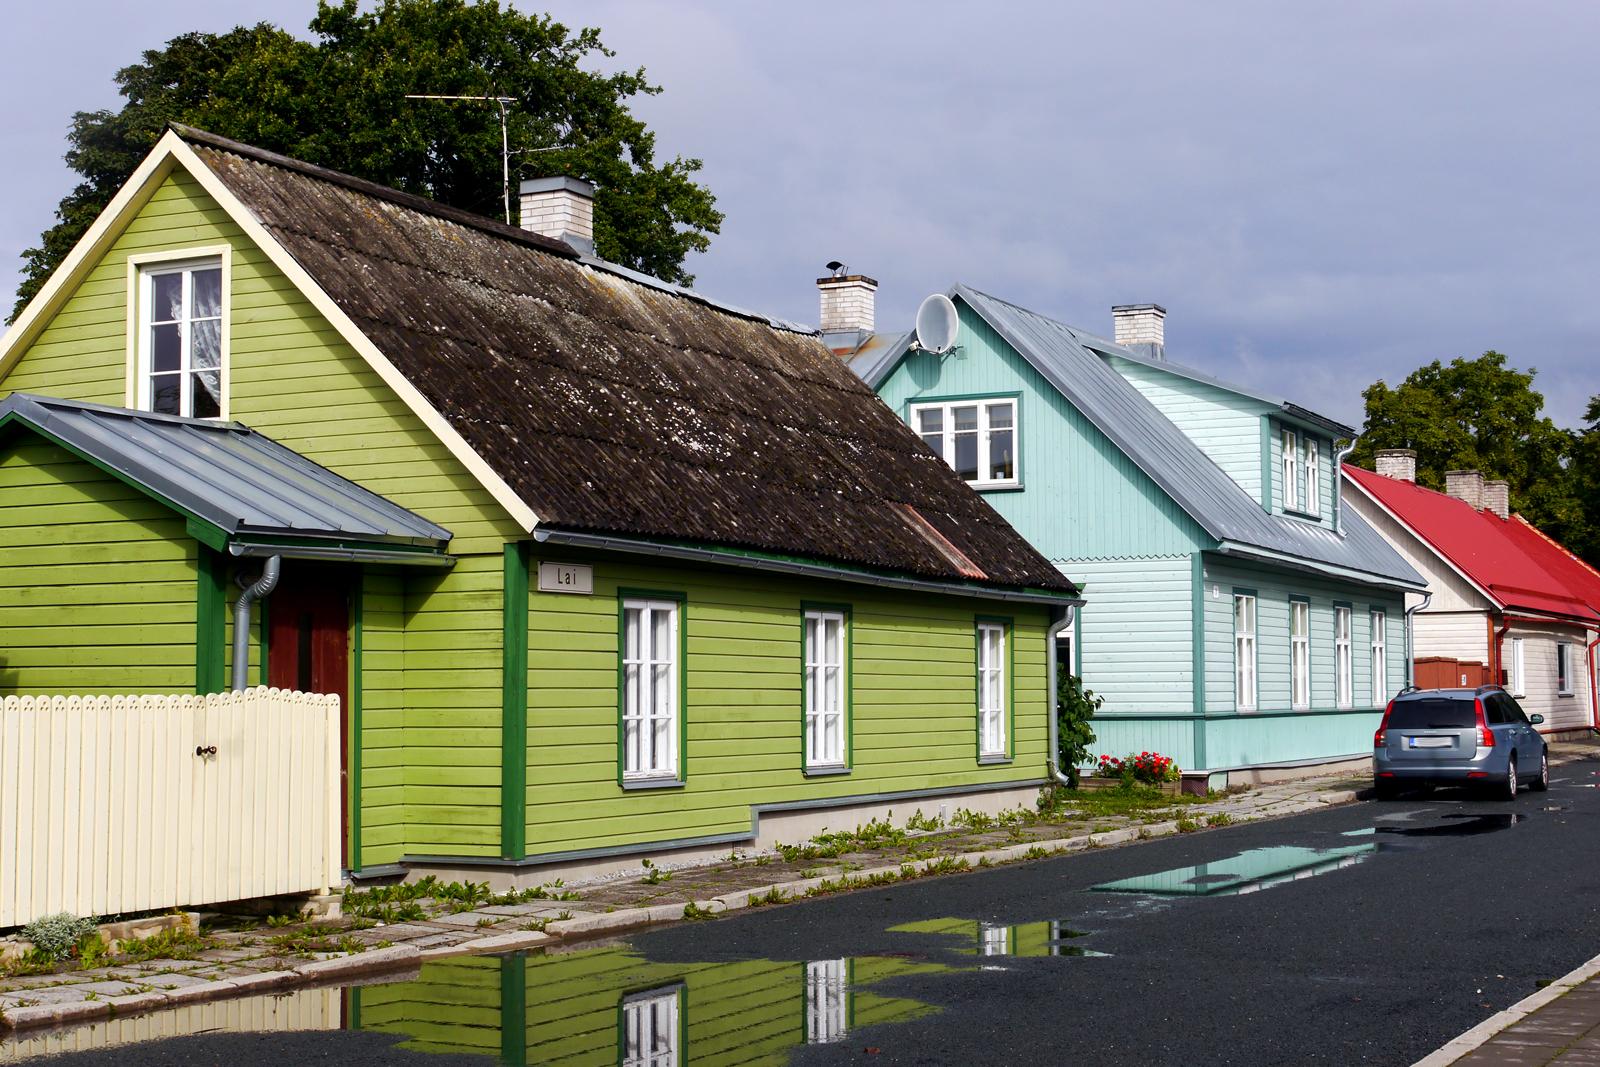 Nach Regen kommt Sonnenschein - tolle Spiegelungen in Haapsalu in Estland.